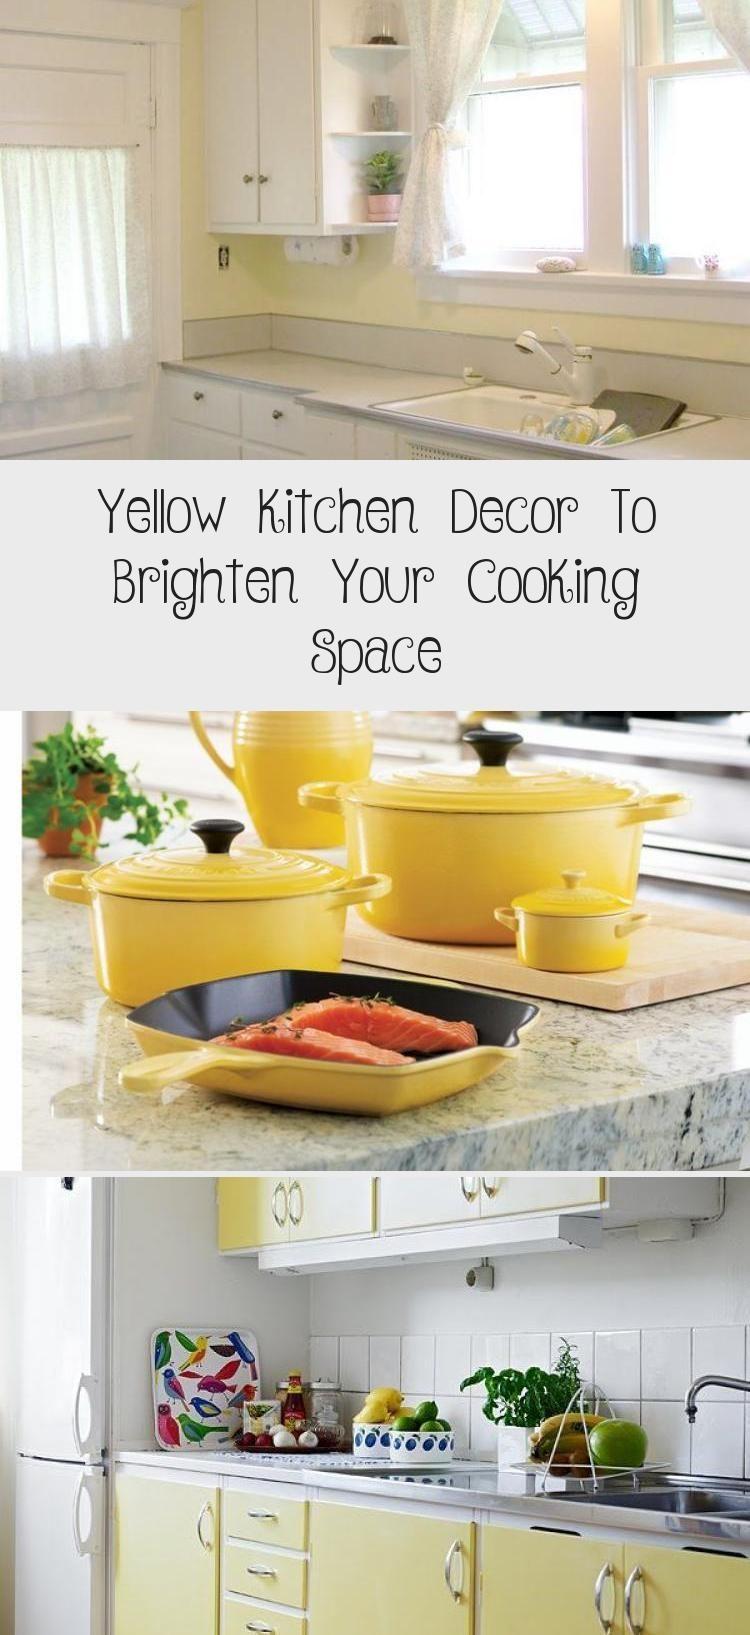 Chef Craft Chef Craft 4-piece kitchen utensil set  Wayfair Yellow